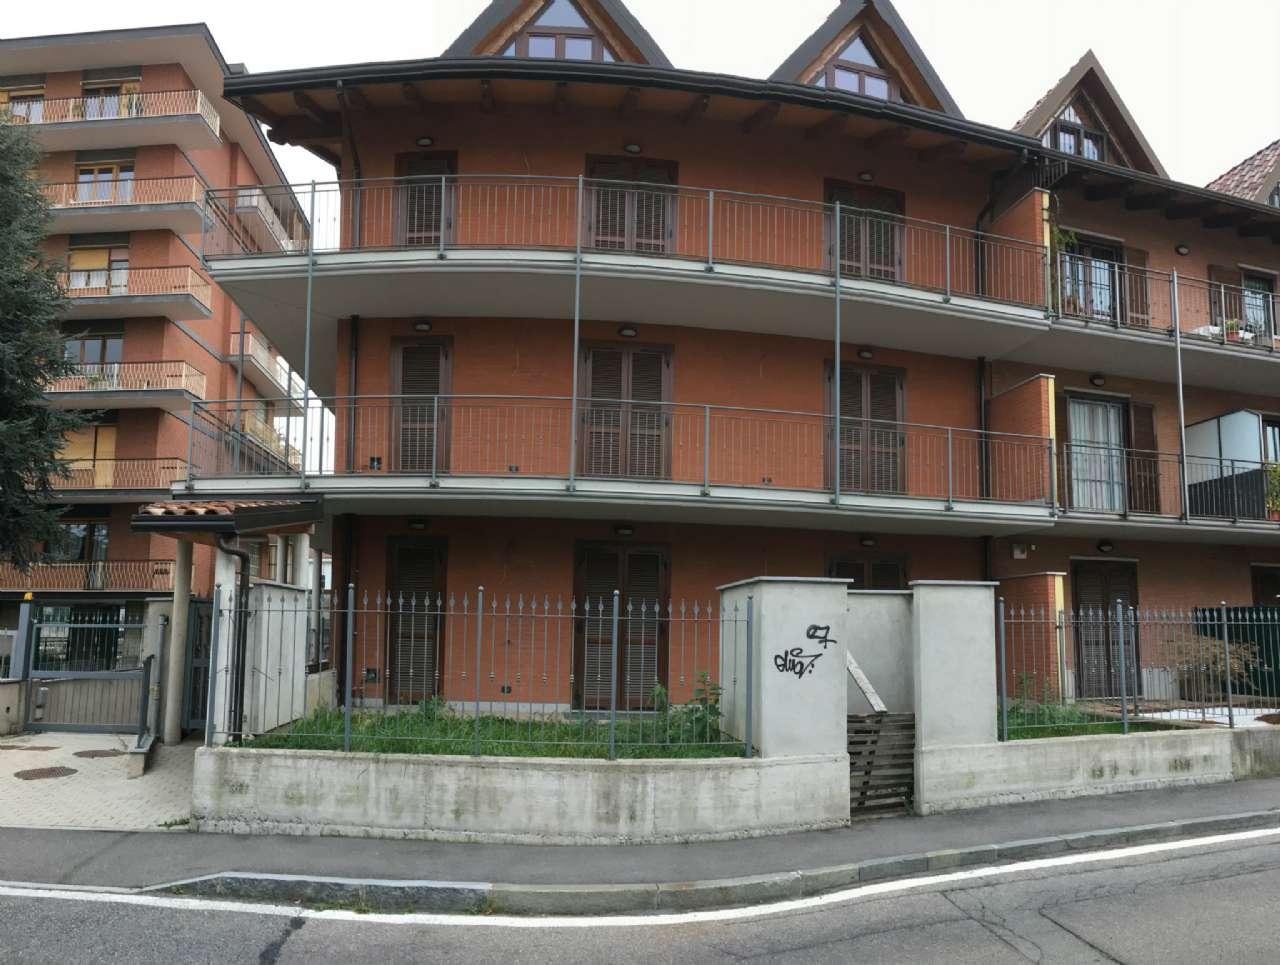 Appartamento in vendita a Collegno, 4 locali, zona Località: ReginaMargherita, prezzo € 337.000   CambioCasa.it